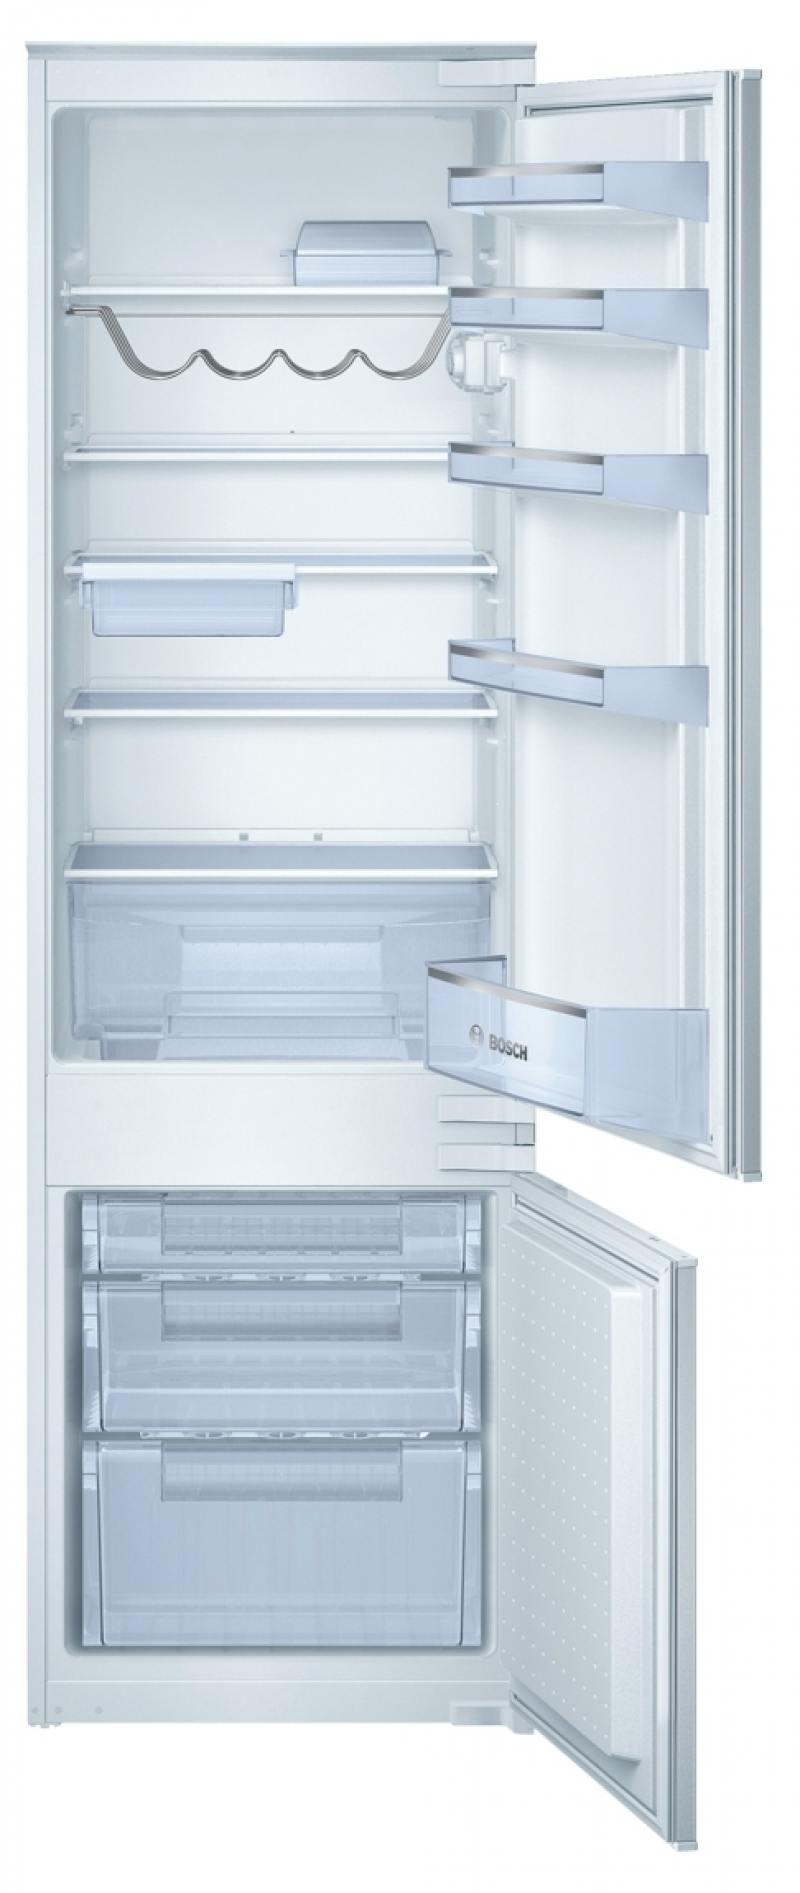 лучшая цена Встраиваемый холодильник Bosch KIV38X20RU